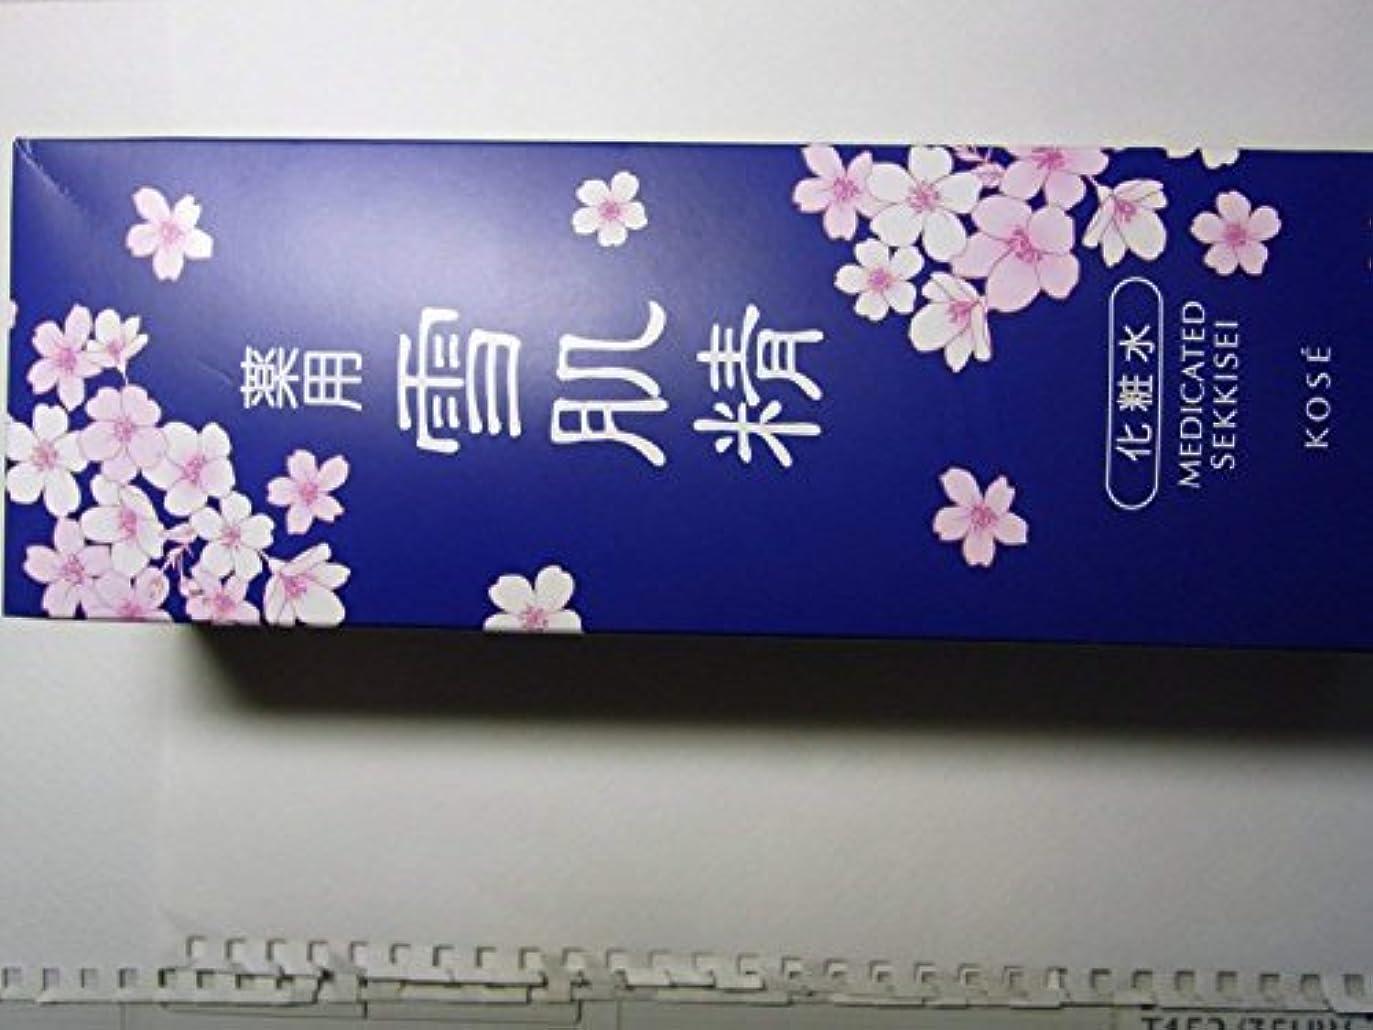 おめでとう精神的に喪KOSE 薬用 雪肌精 化粧水500ml(桜デザイン限定ボトル) [並行輸入品]